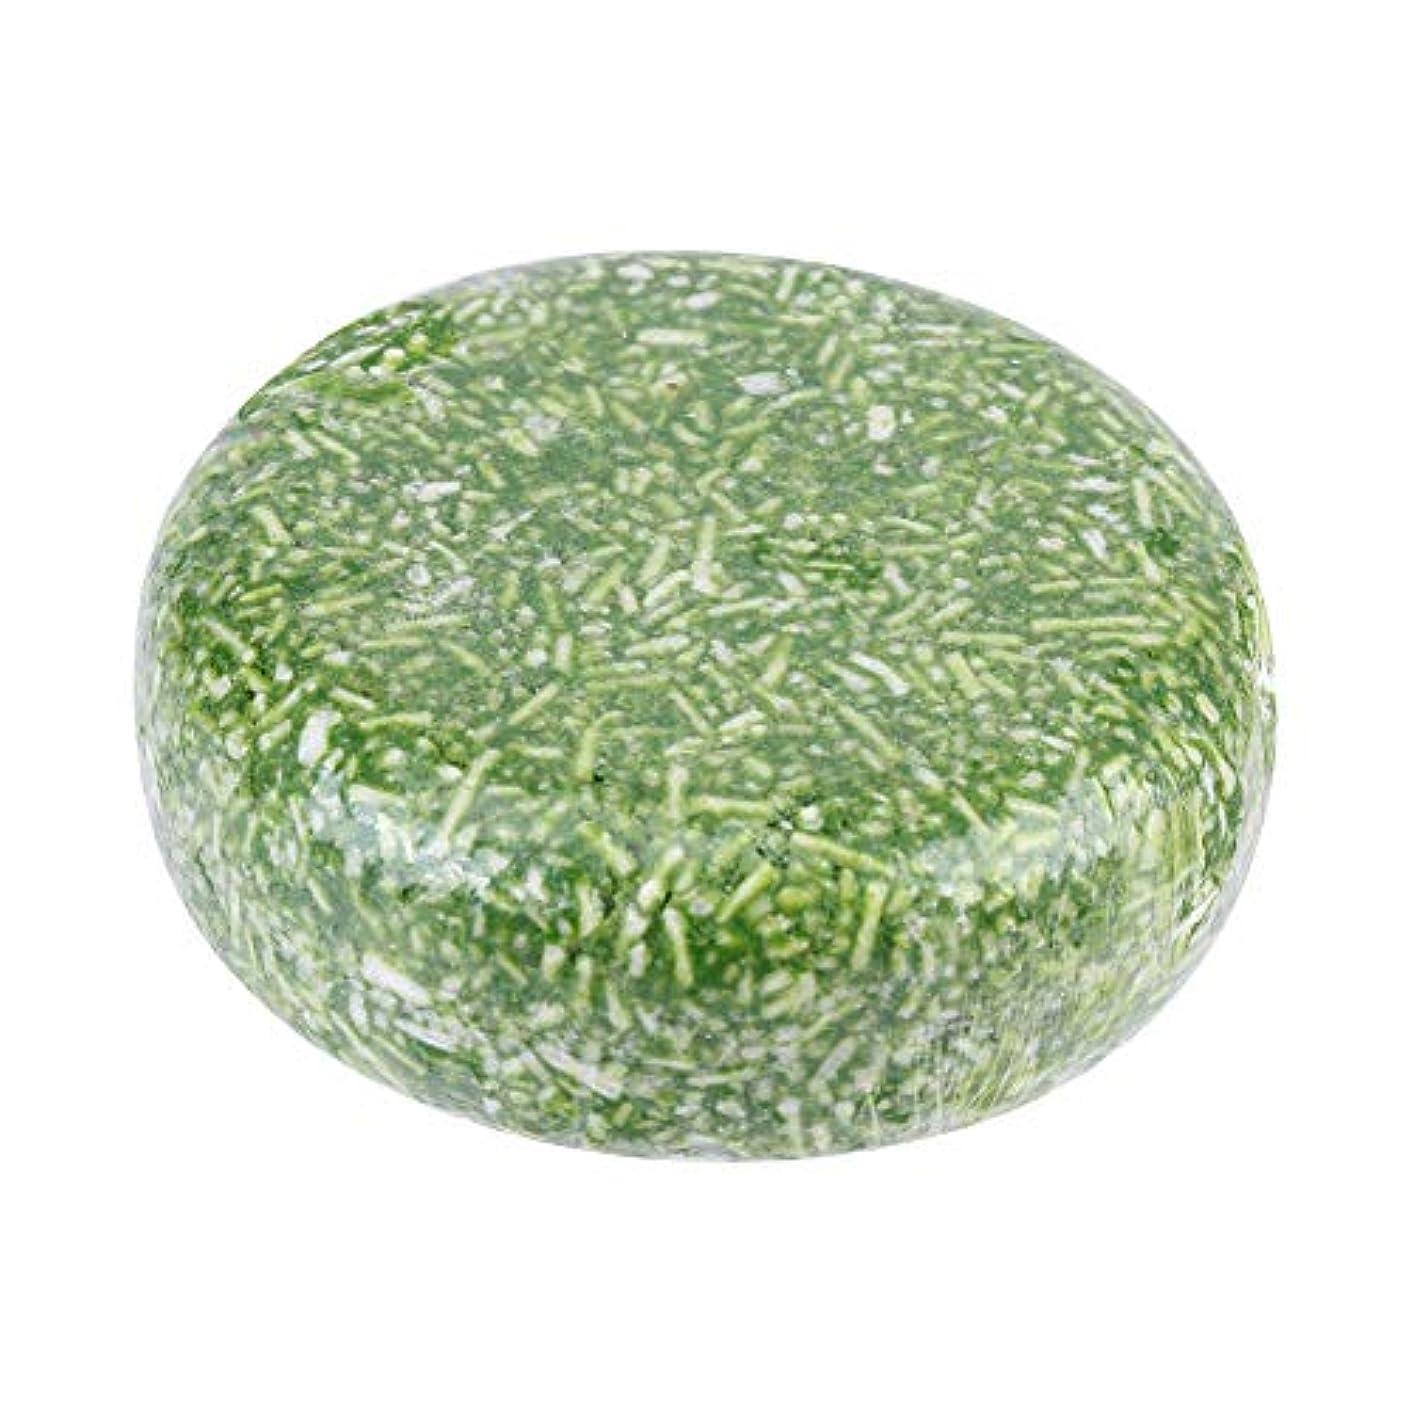 資産そばにペースオーガニック手作り冷たいシナモンシャンプーバー100%ピュアヘアシャンプー(グリーン)